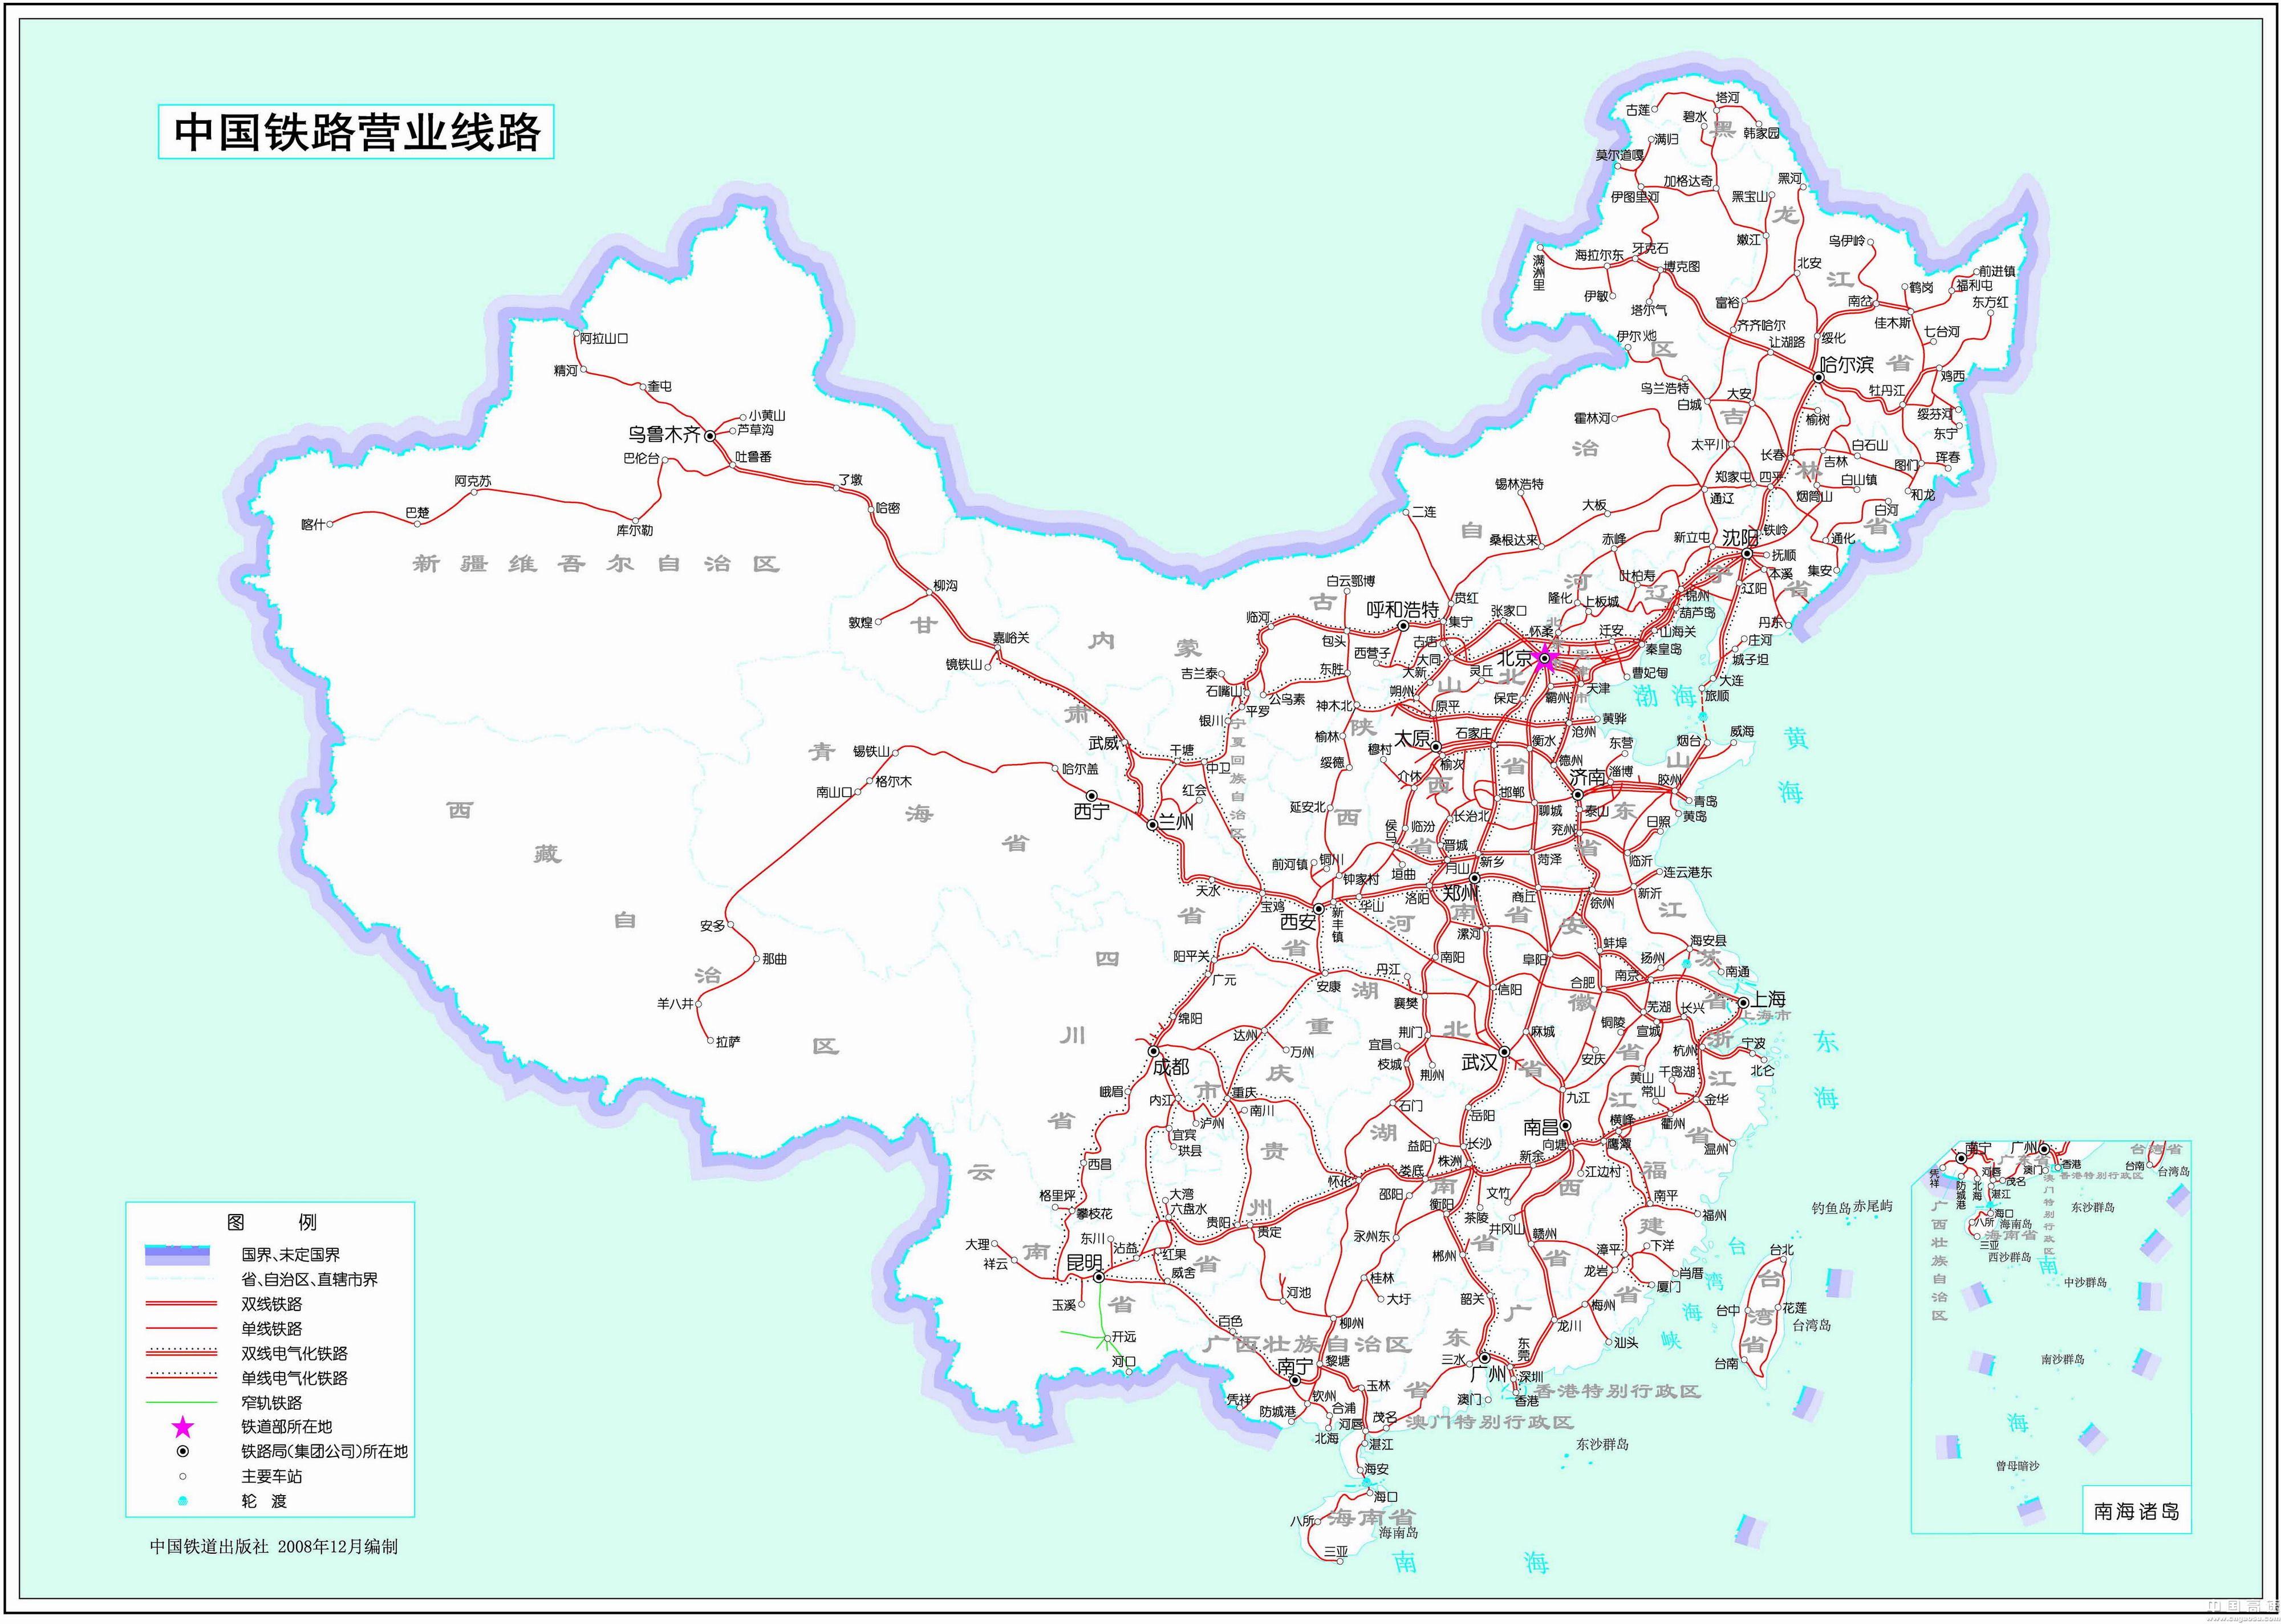 铁路营业线路图